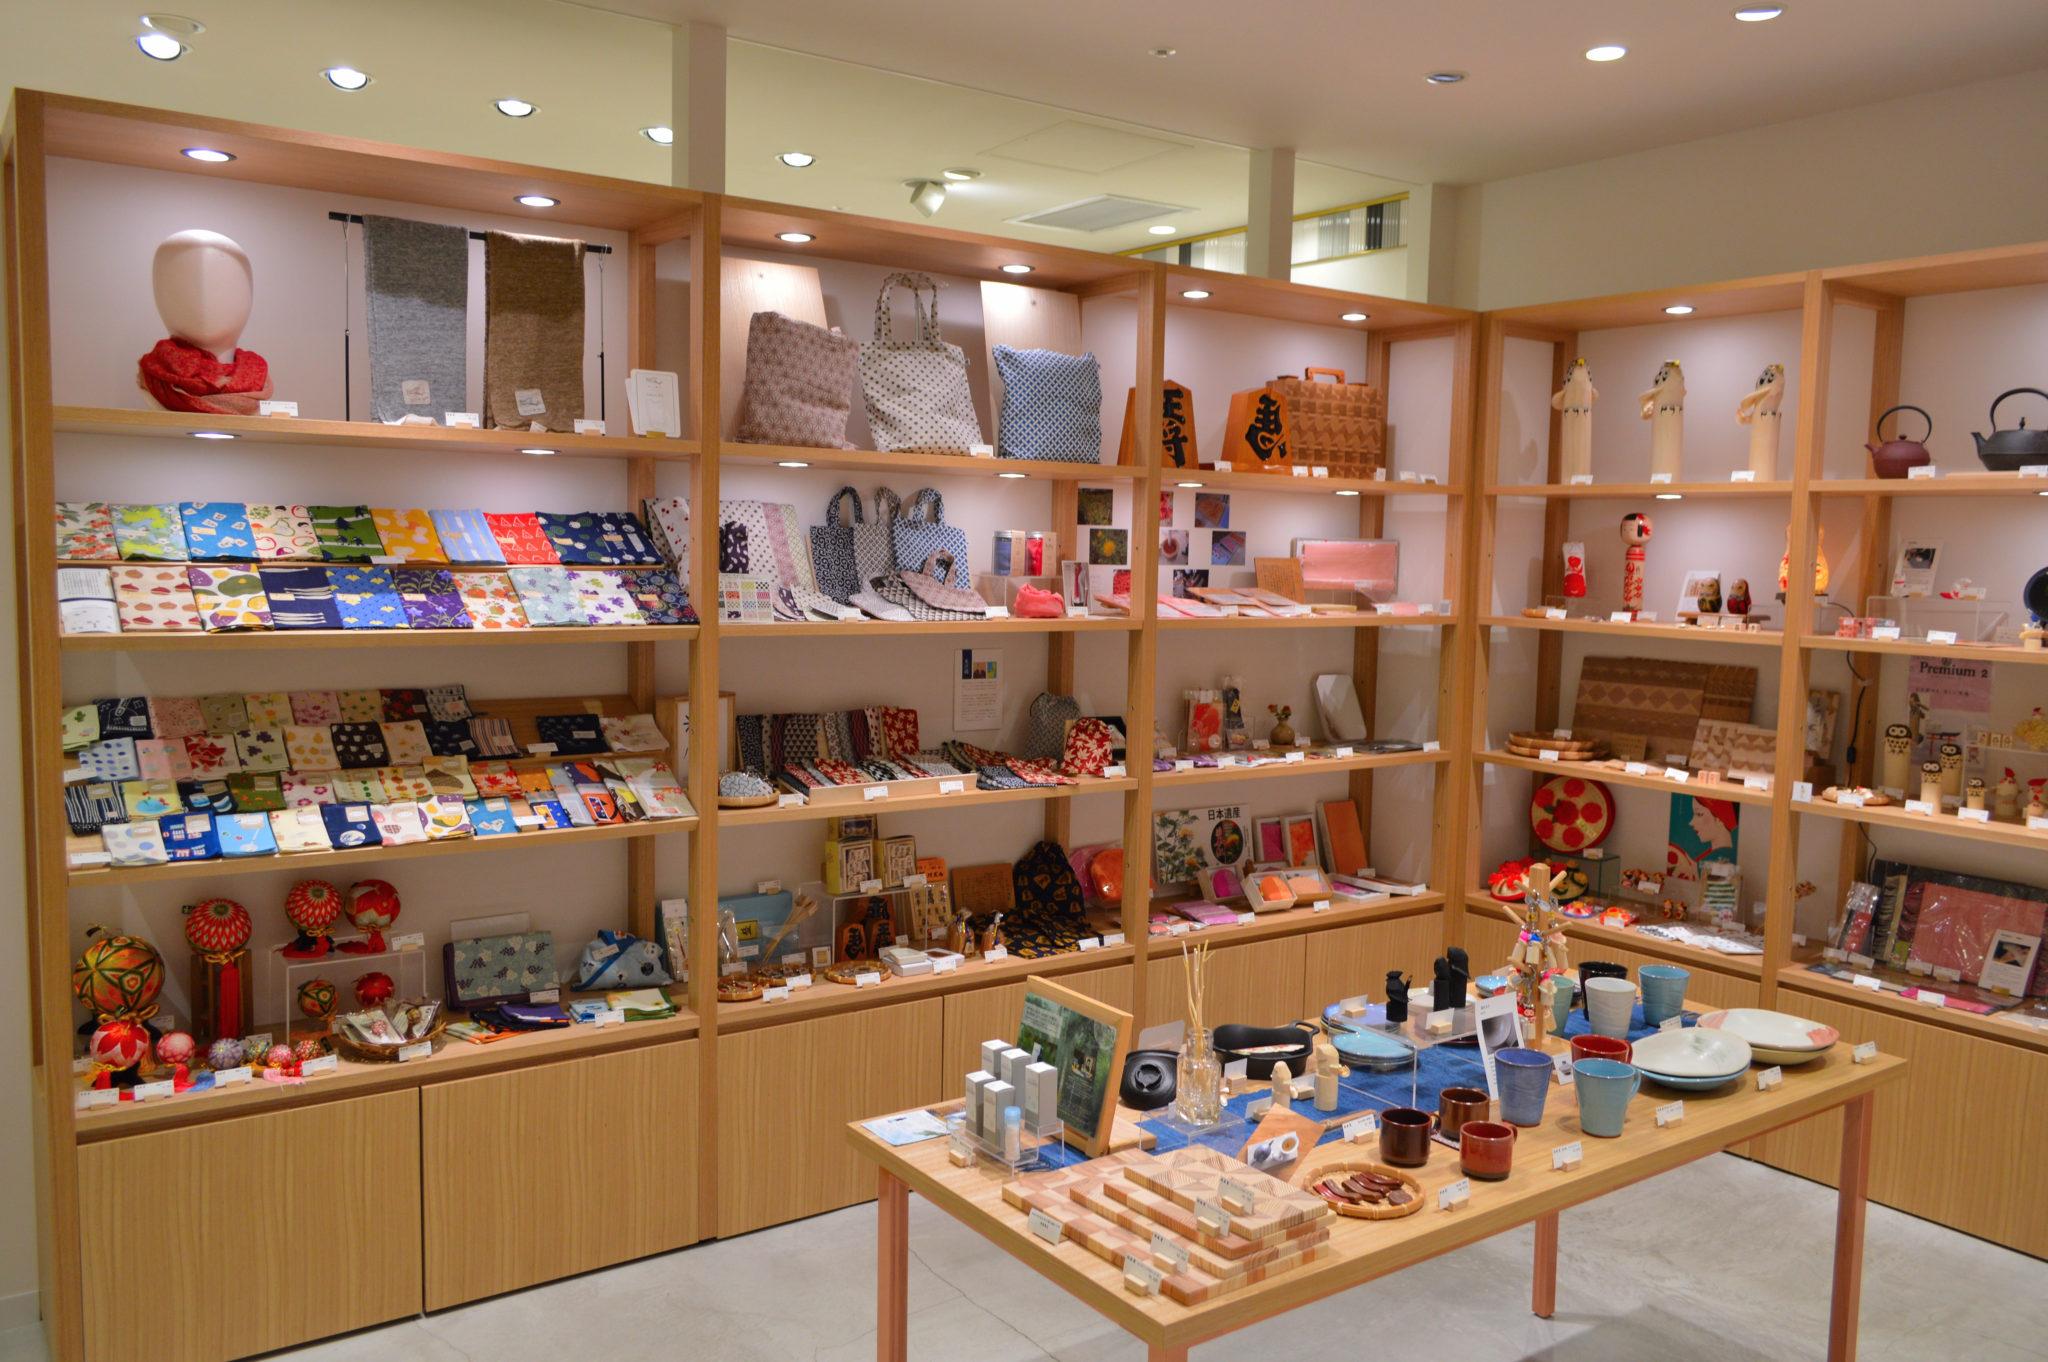 【特集記事】素敵な山形土産が見つかるおすすめ店!尚美堂